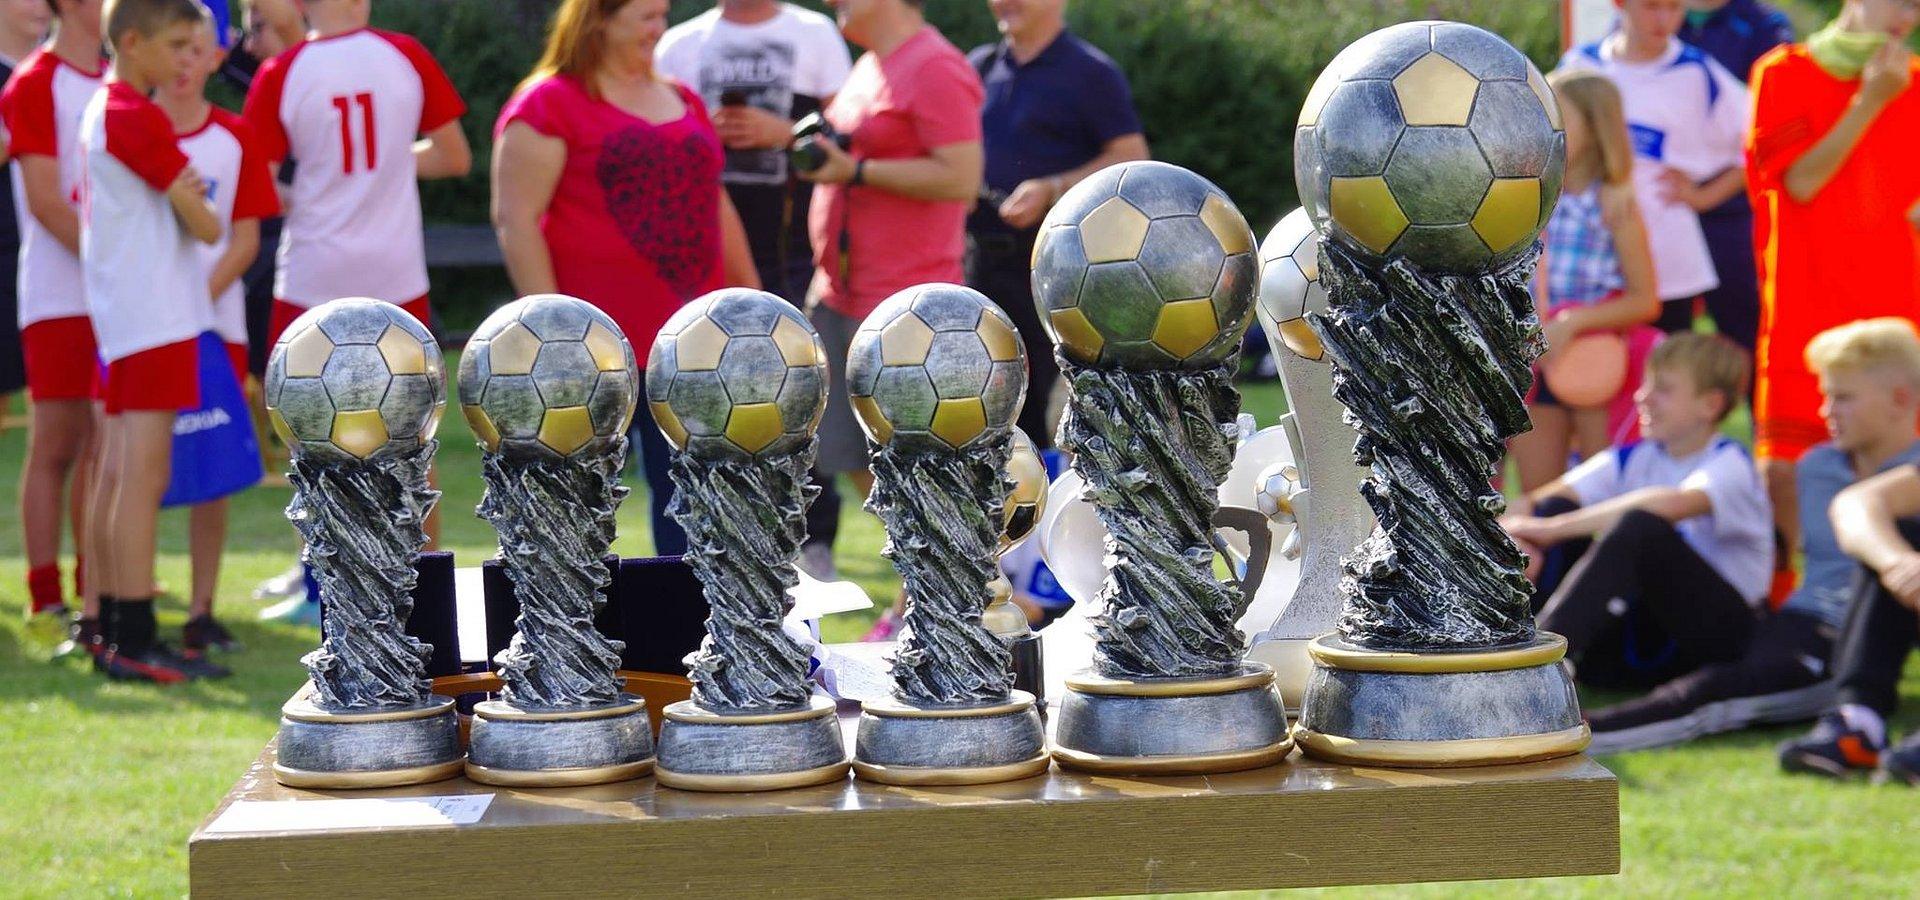 Wielki Turniej Piłki Nożnej Stowarzyszenia SOS Wiosek Dziecięcych